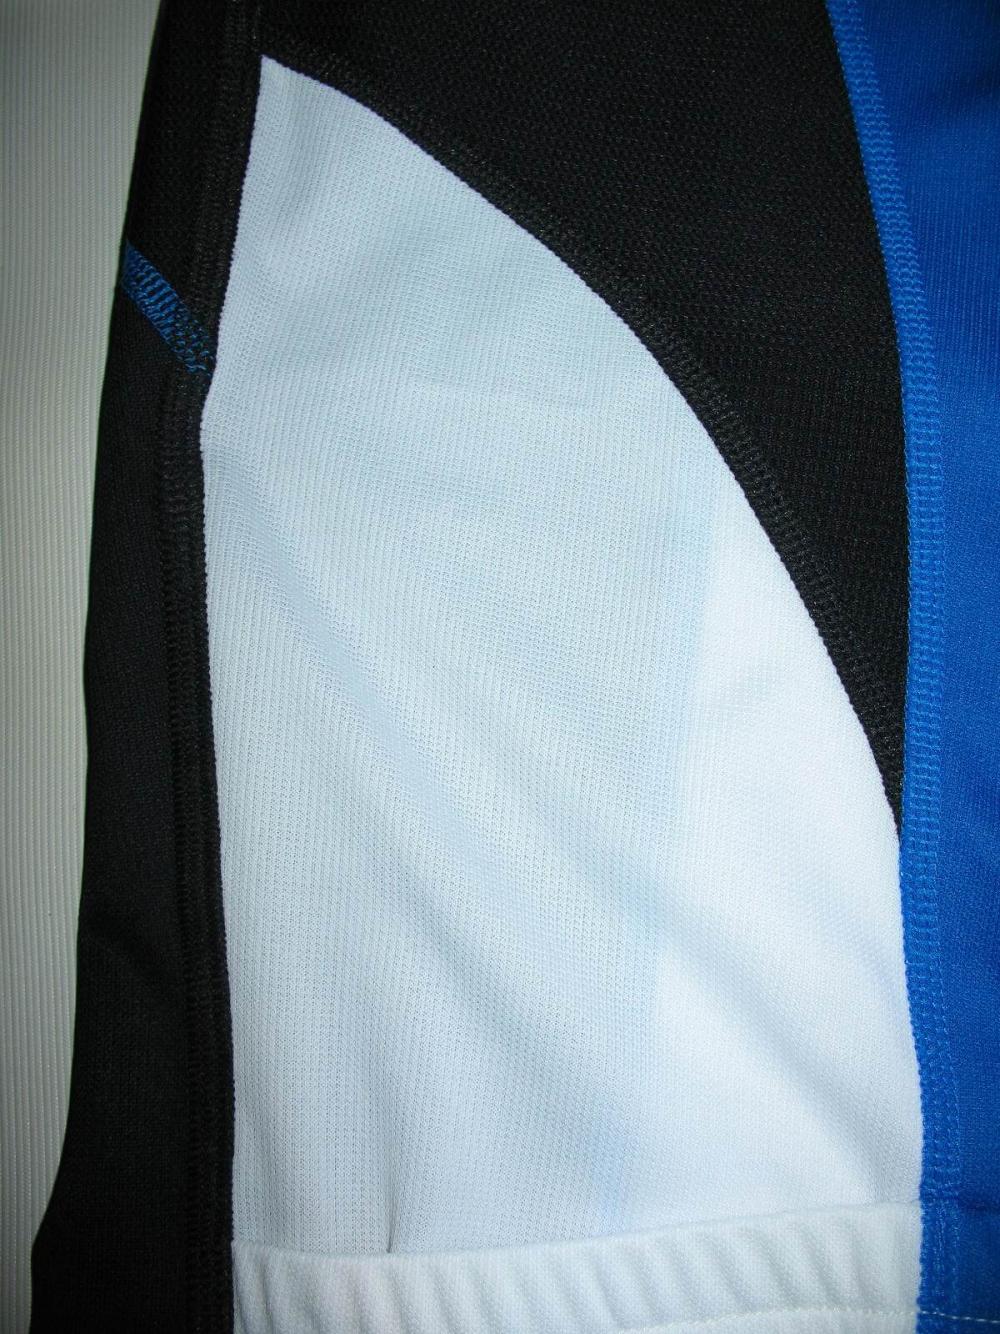 Веломайка GORE bike jersey (размер S) - 8